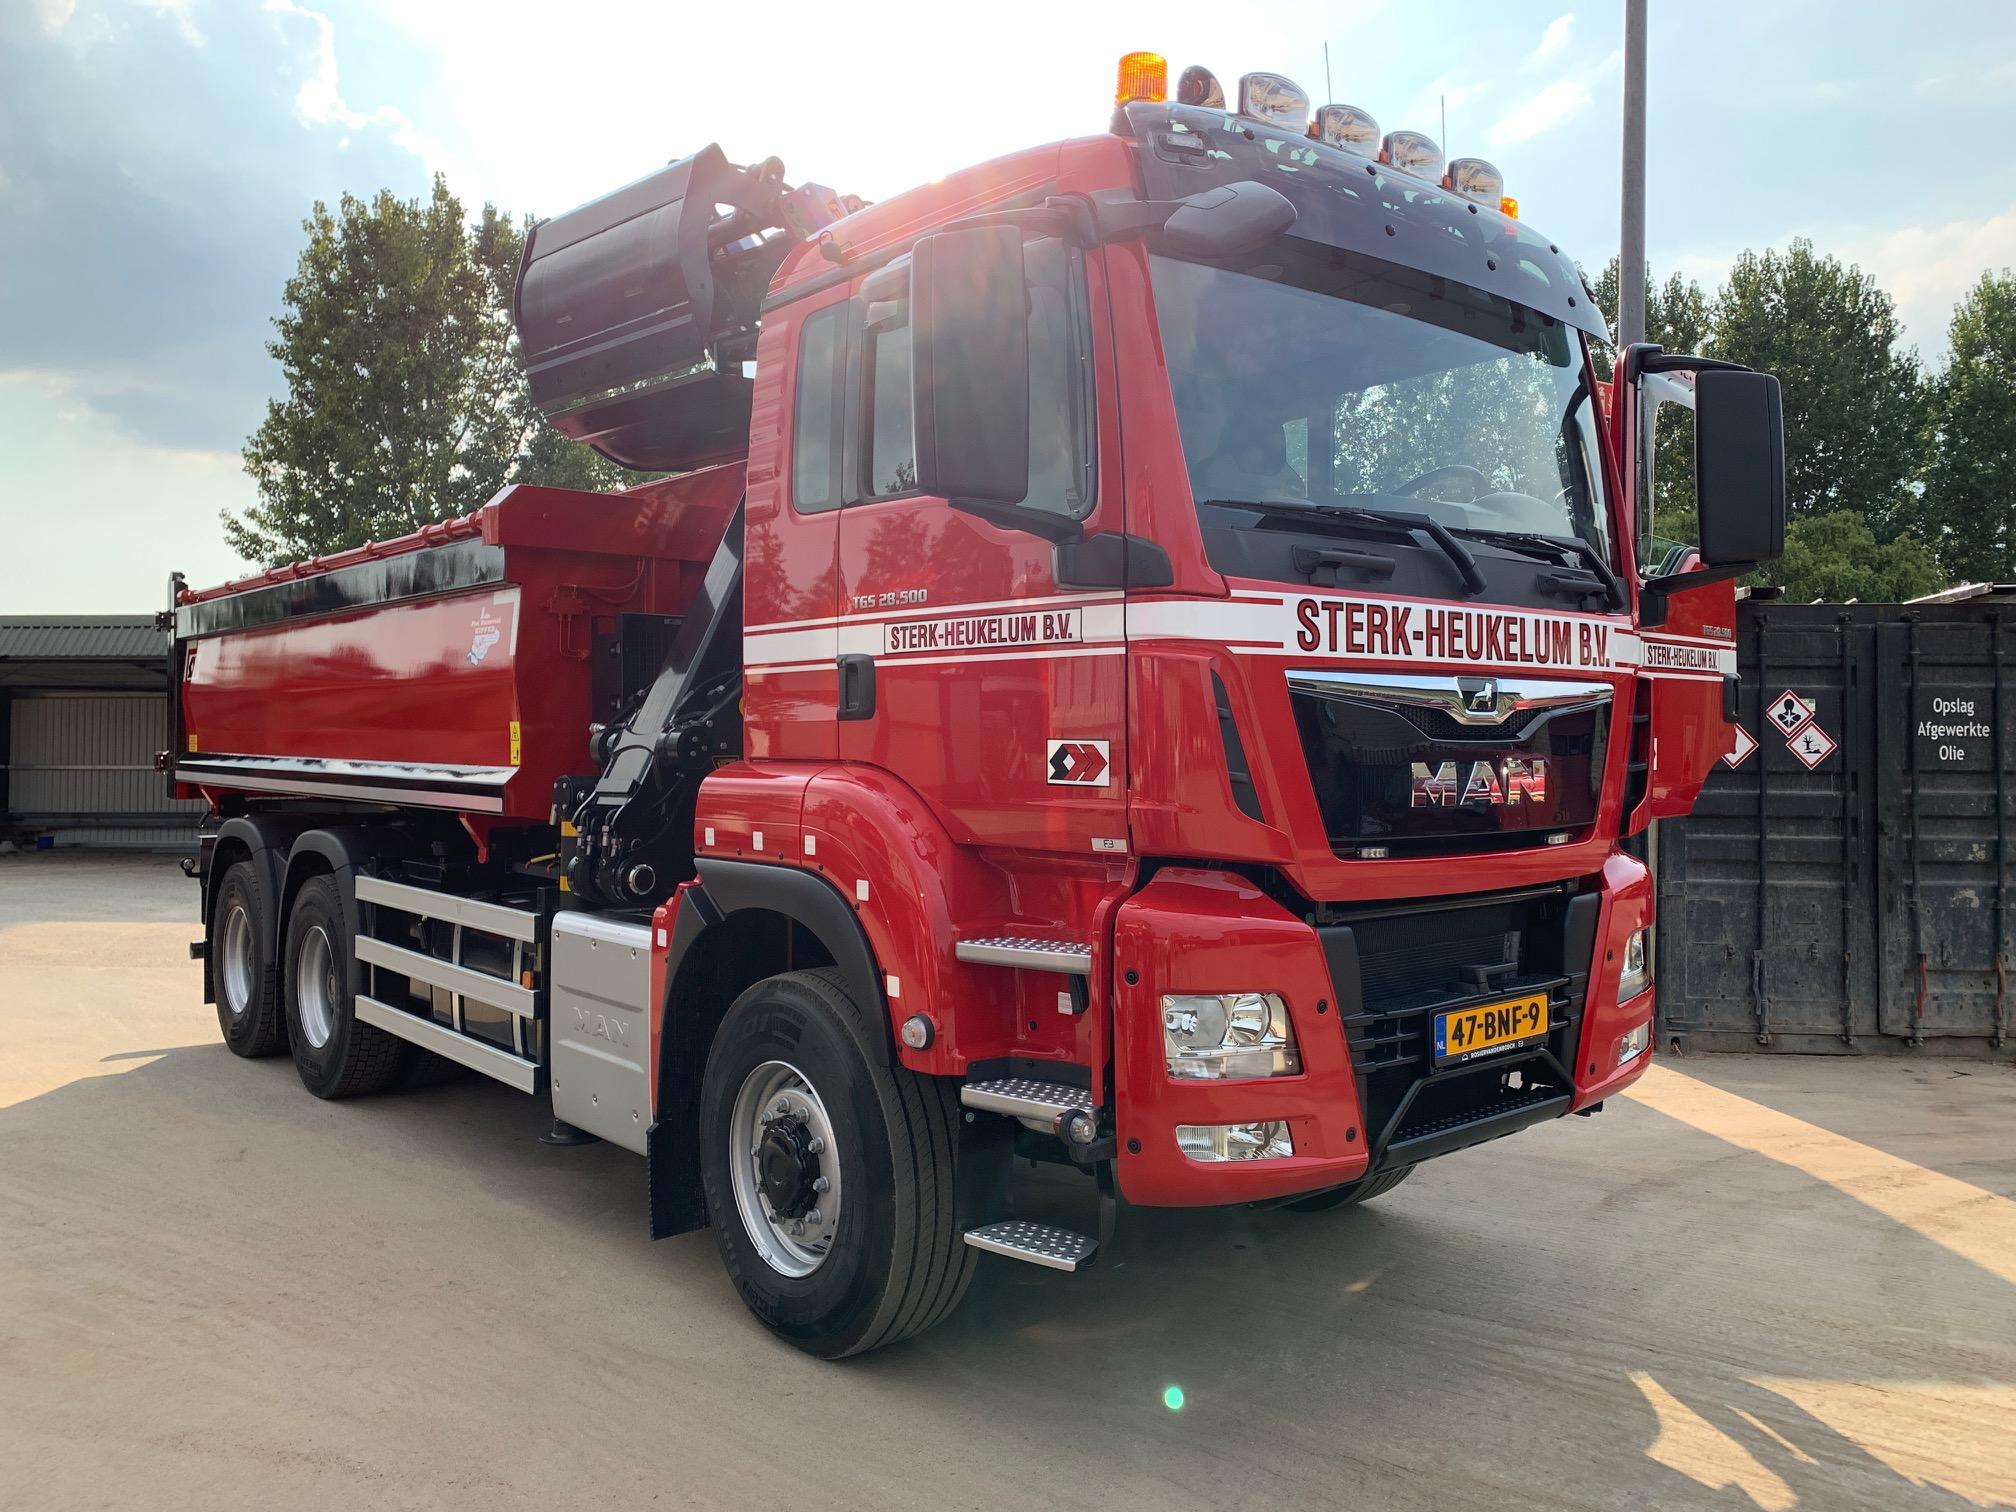 47 BNF 9 Vrachtwagen Overzichtsfoto